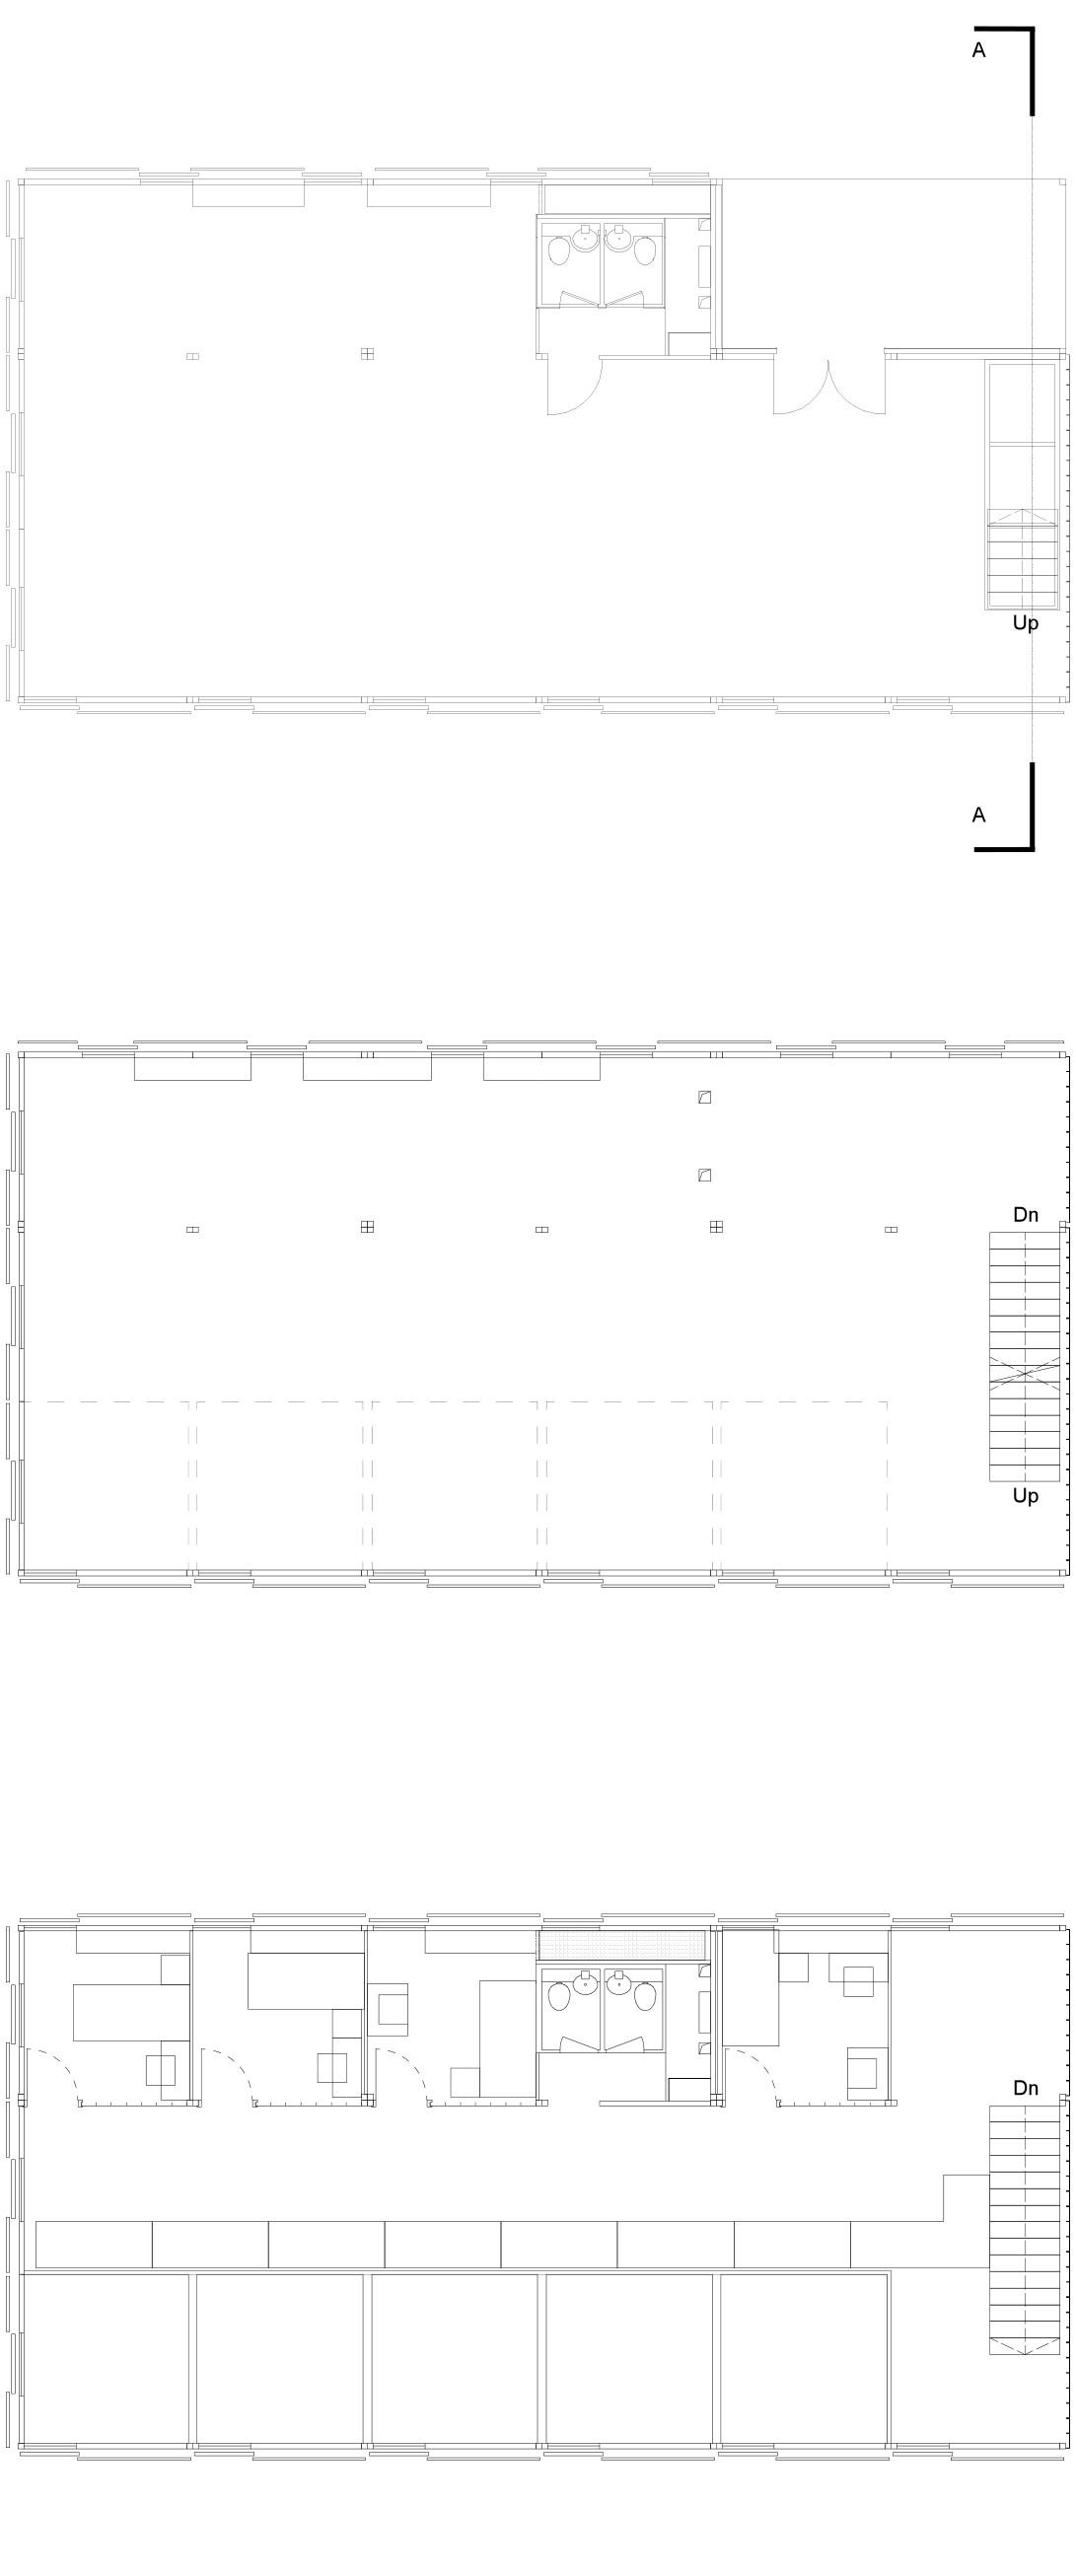 P09-SZM-Plan.jpg